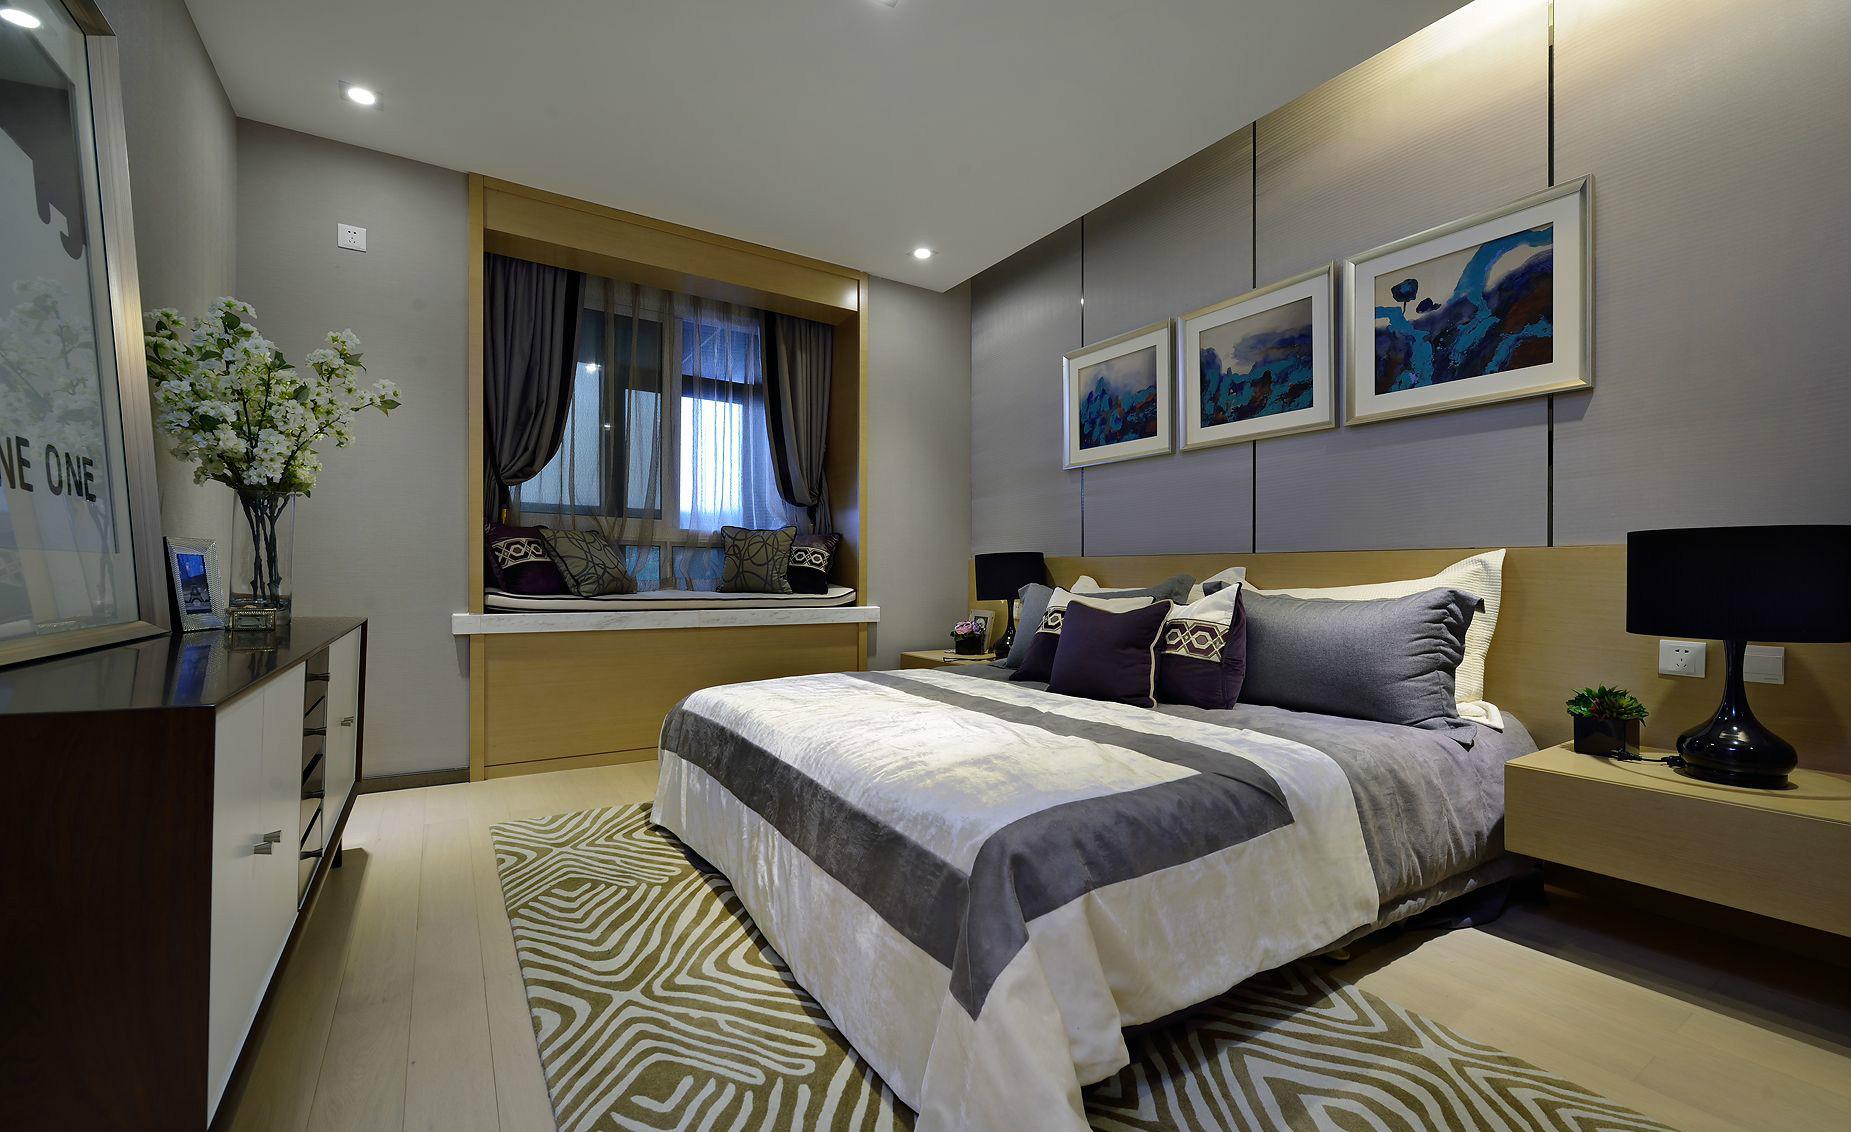 简约 现代 三居 大户型 复式 跃层 80后 小资 白领 卧室图片来自高度国际姚吉智在140平米现代简约三居向往的生活的分享